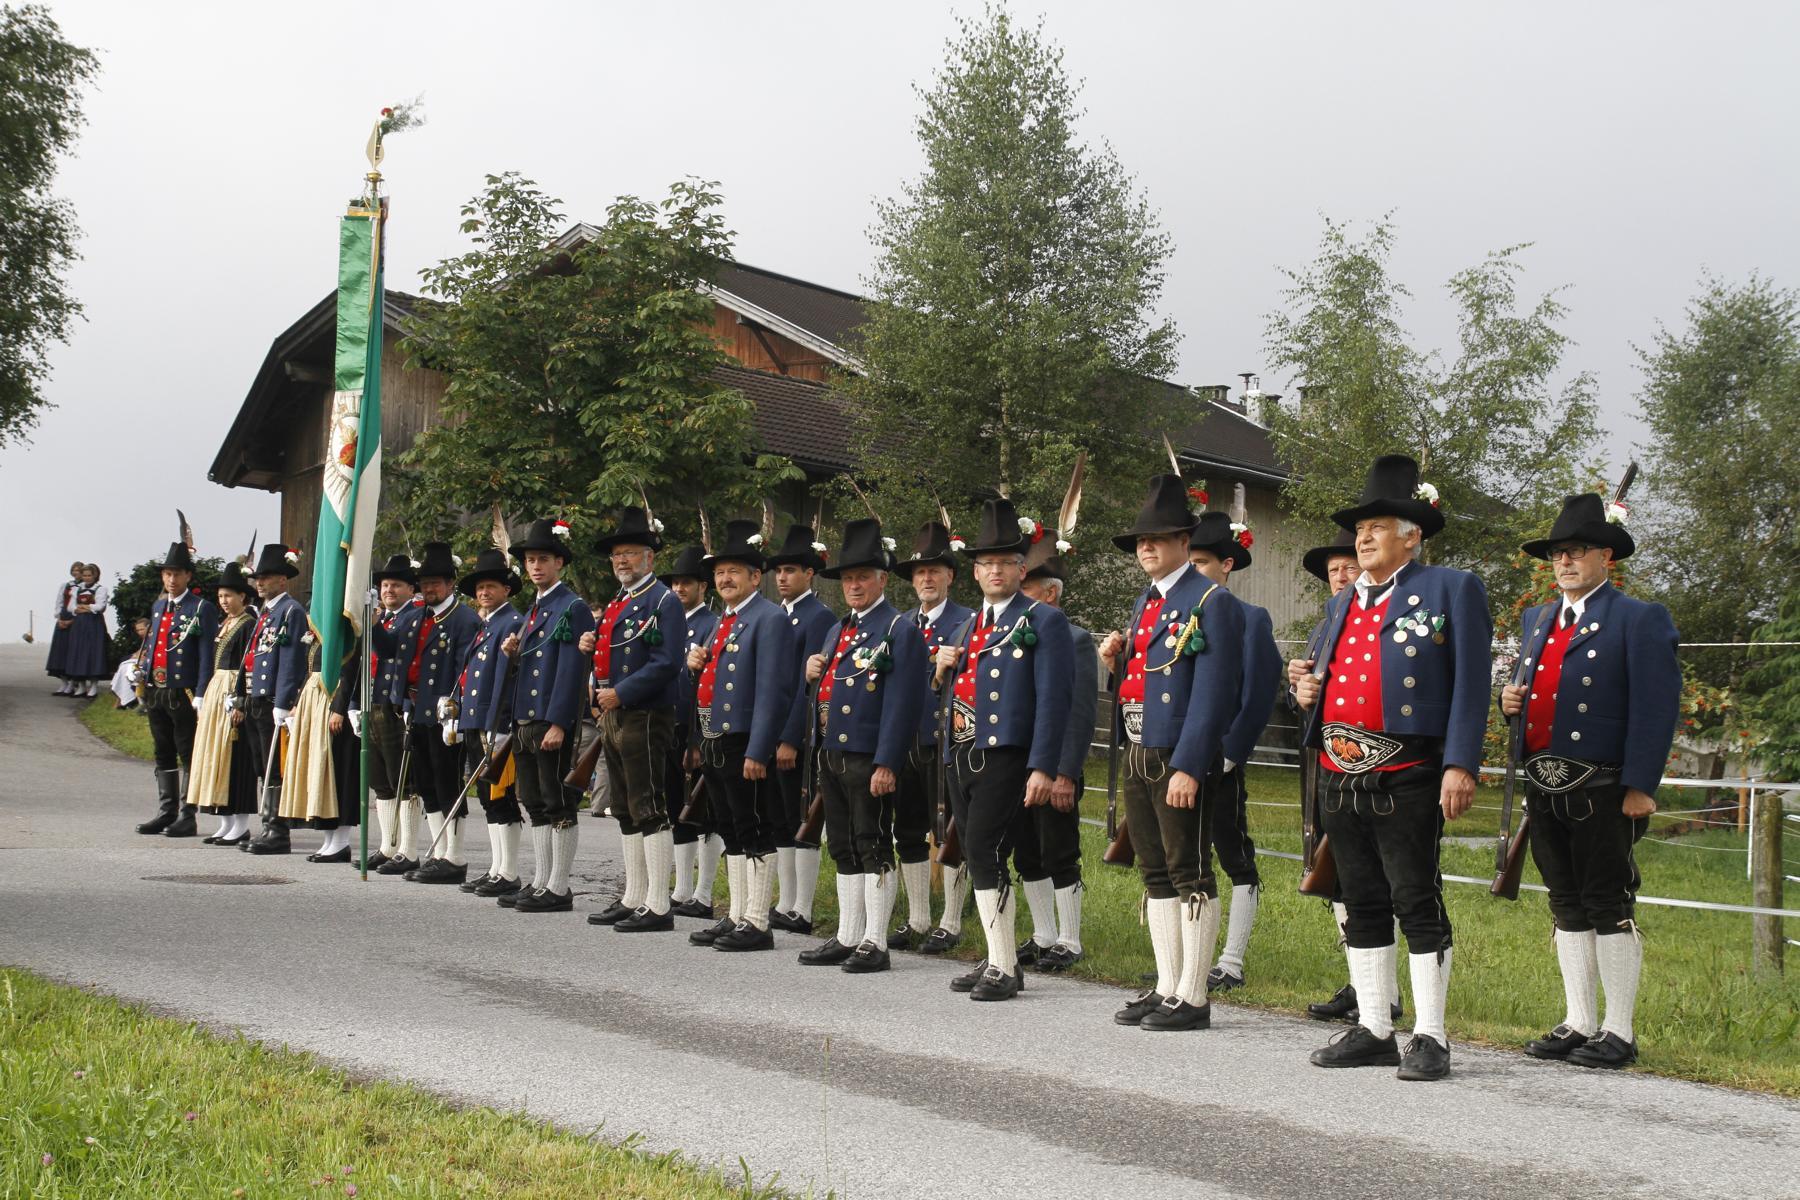 Schützenkompanie Gnadenwald August 2015